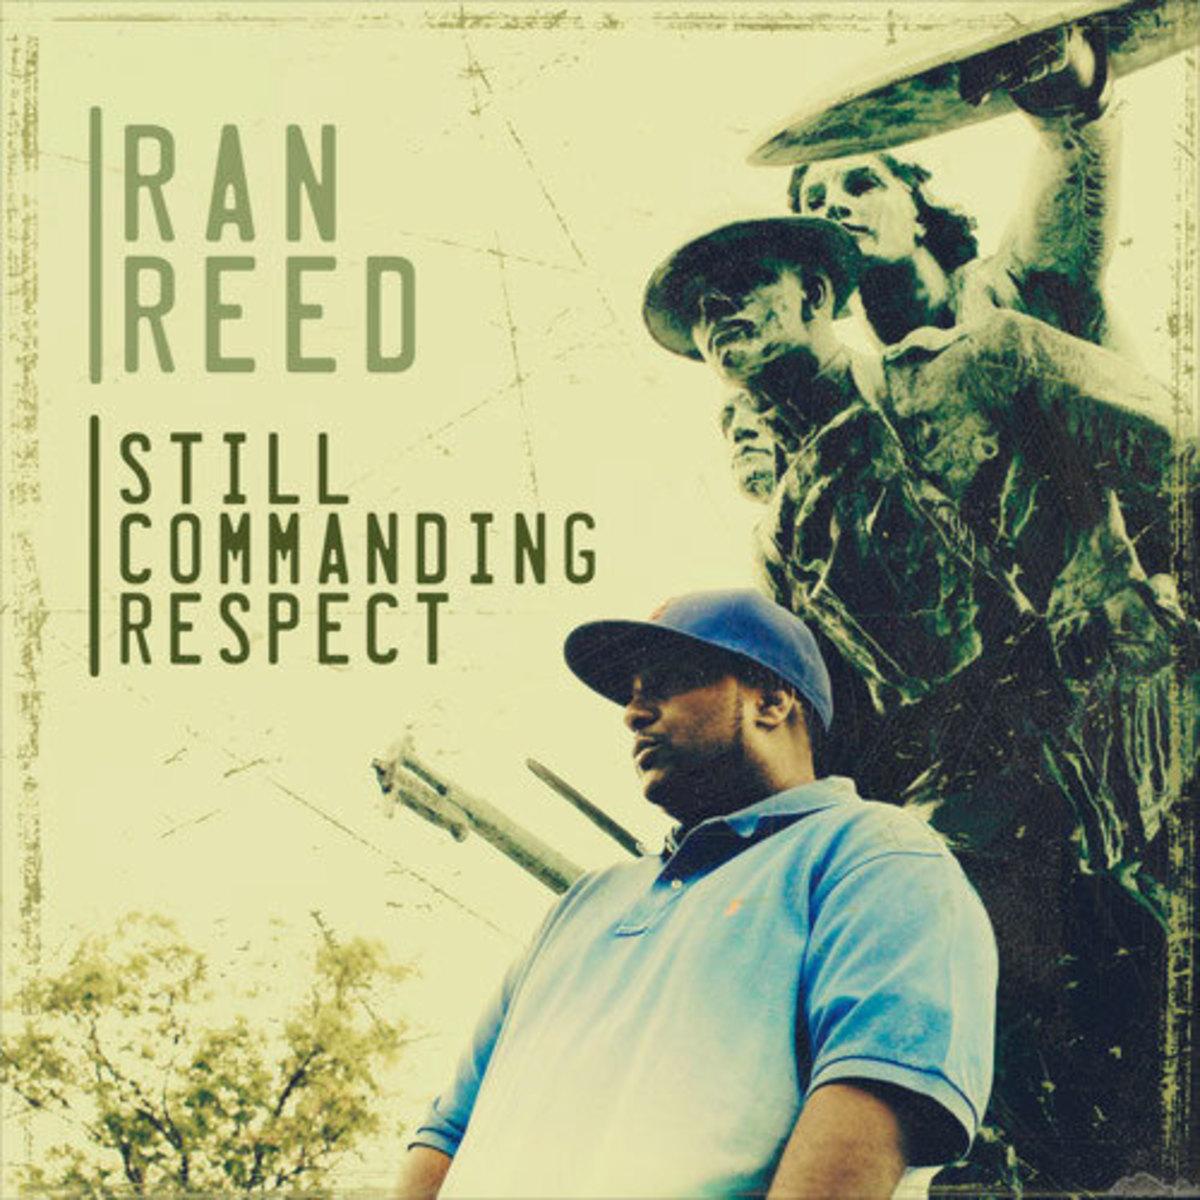 ran-reed-the-crew.jpg